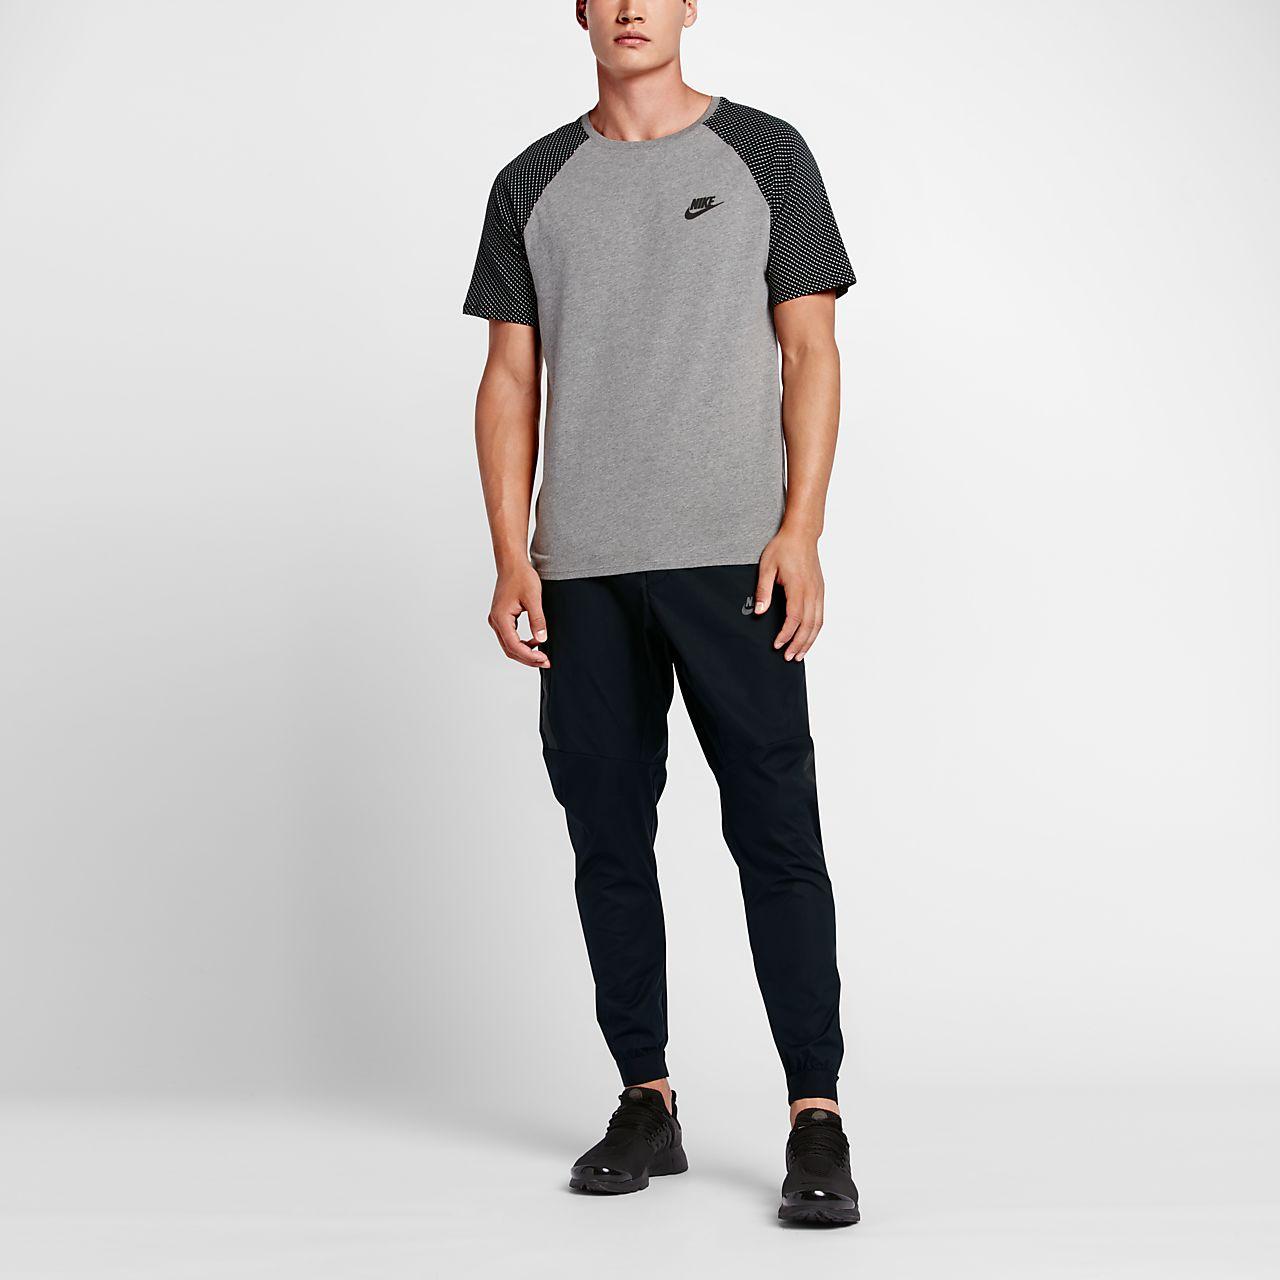 Nike sportswear for men